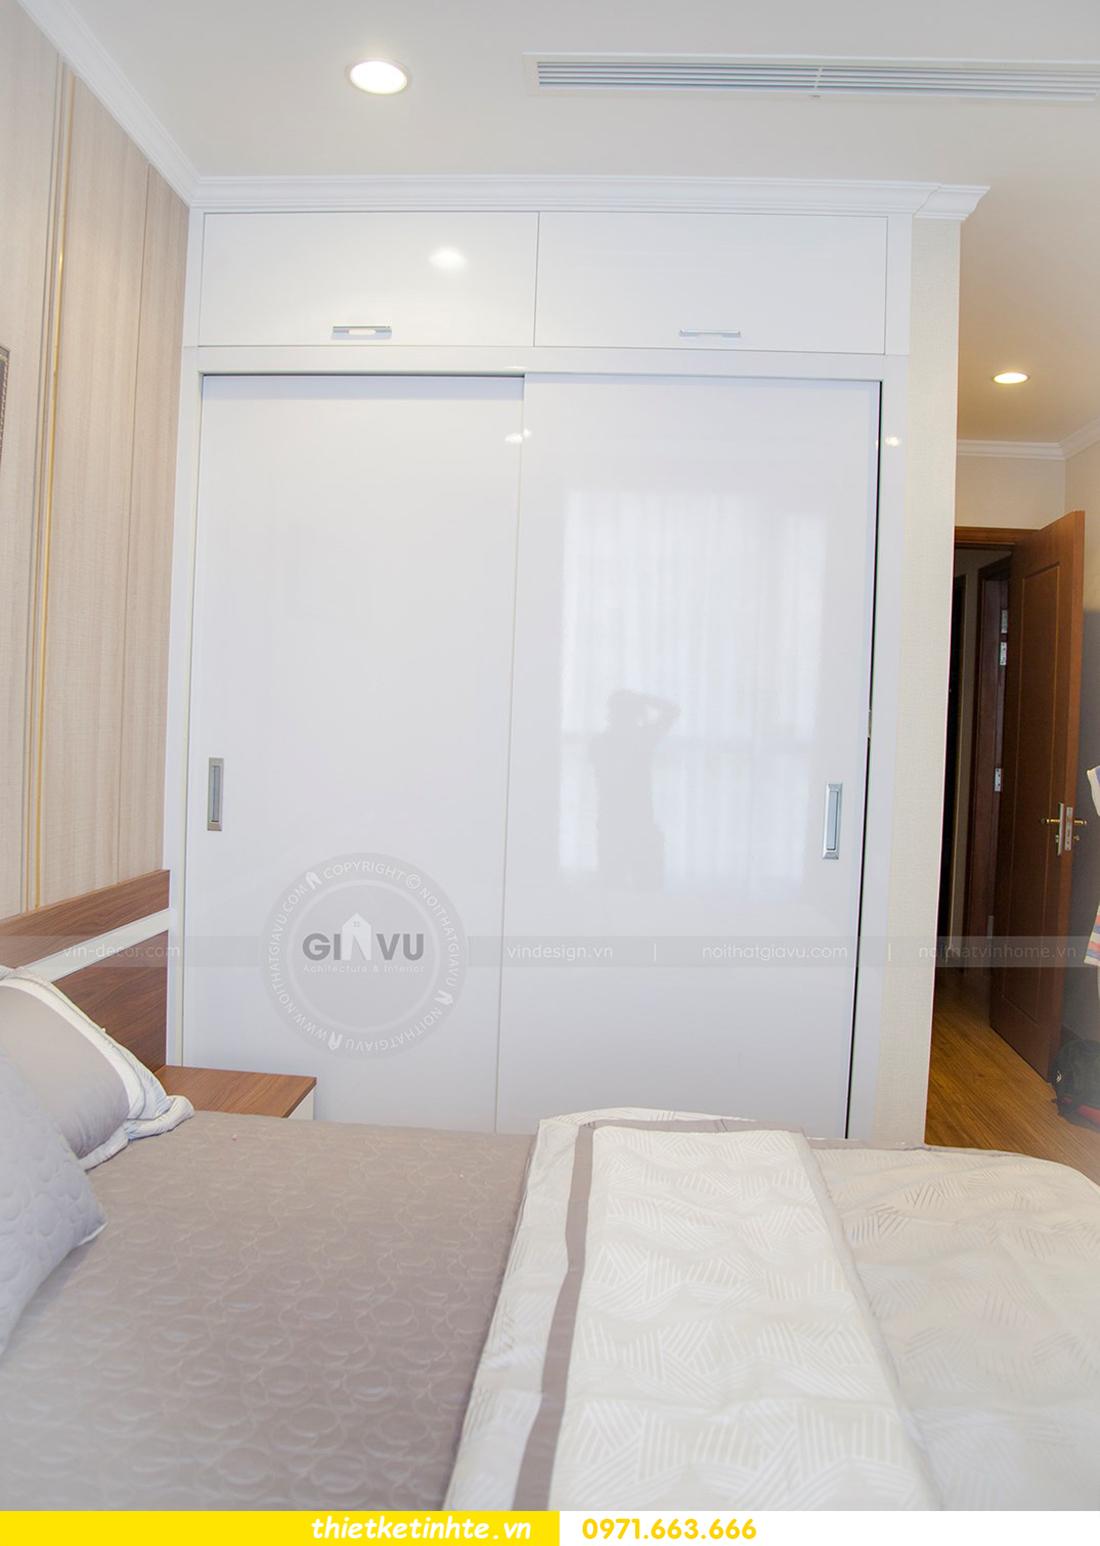 thiết kế hoàn thiện nội thất chung cư Park Hill 2 căn hộ 16 anh Thắng 18